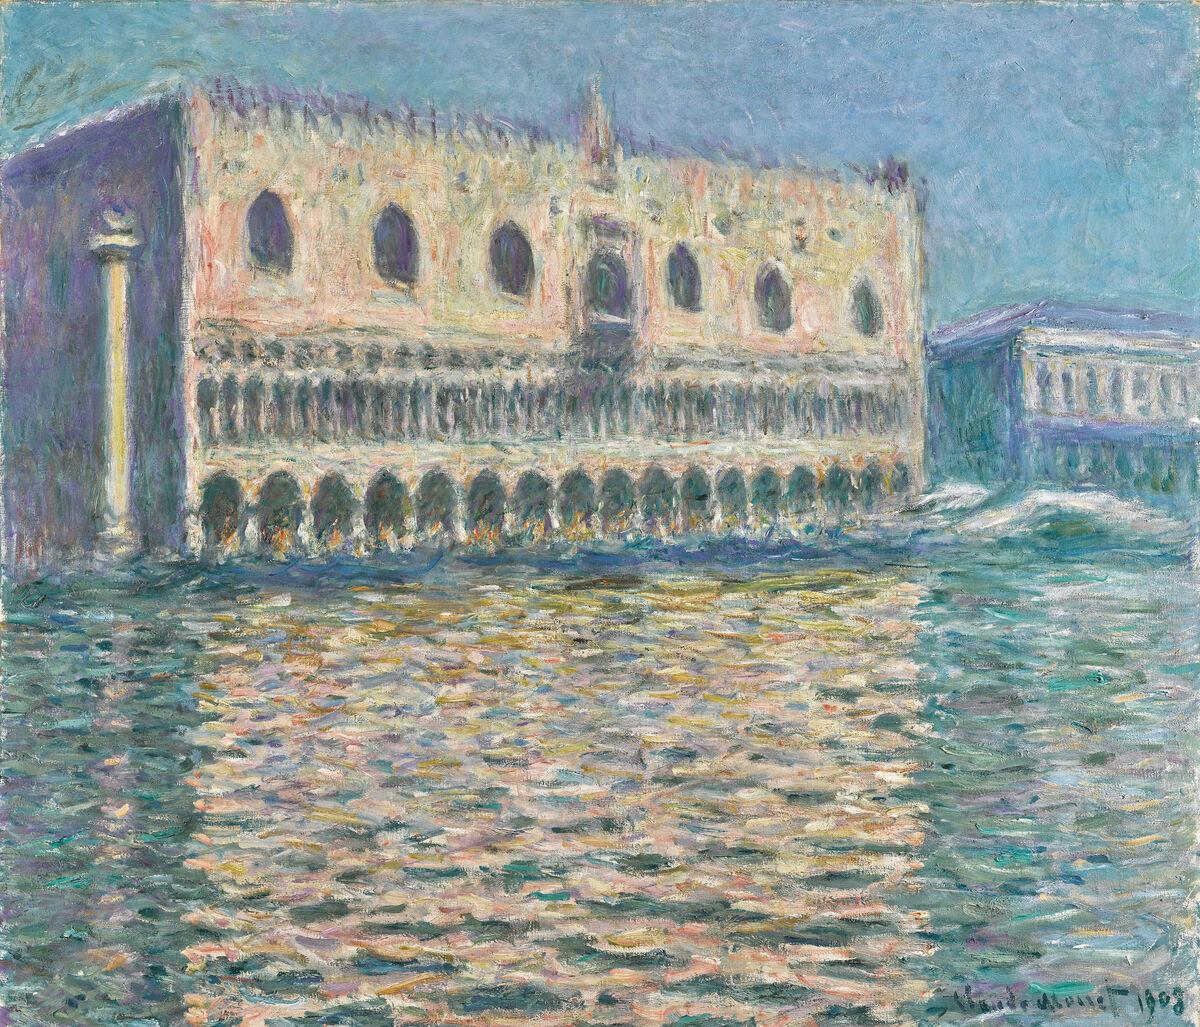 Claude Monet,  Le Palais Ducal,  1908. Courtesy of Sotheby's.